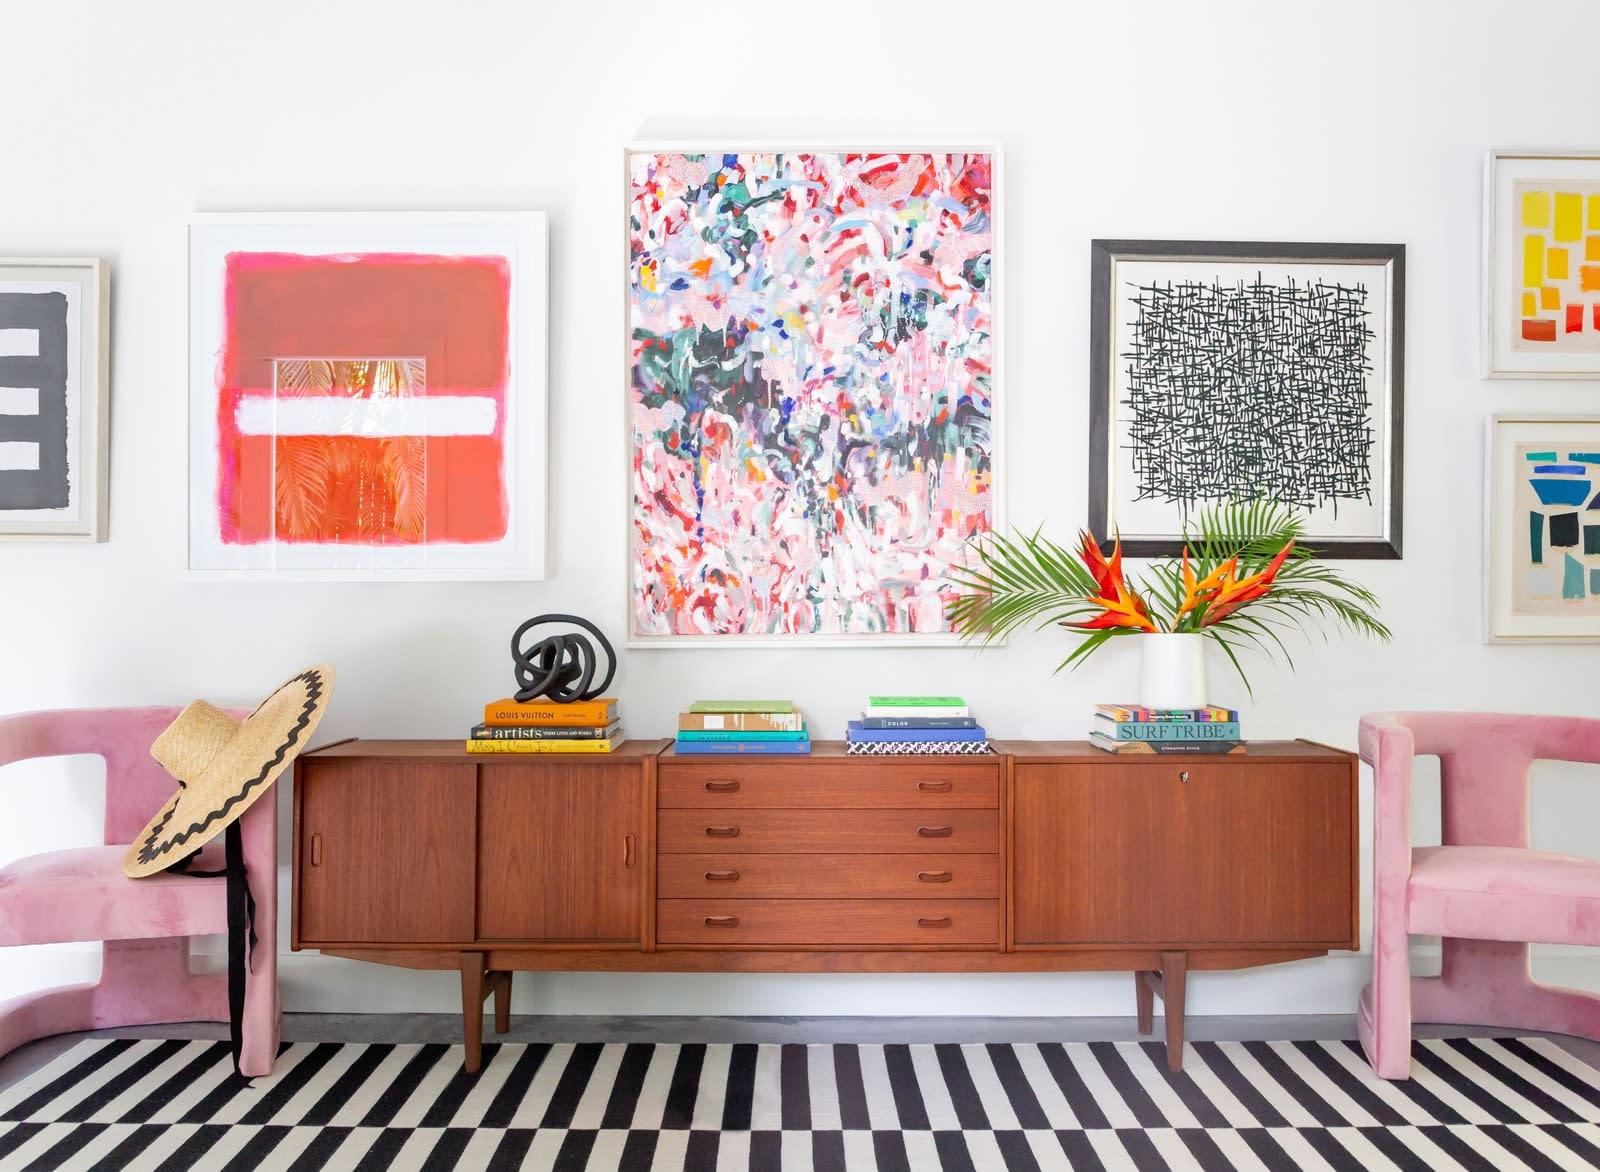 8 Midcentury Modern Decor & Style Ideas